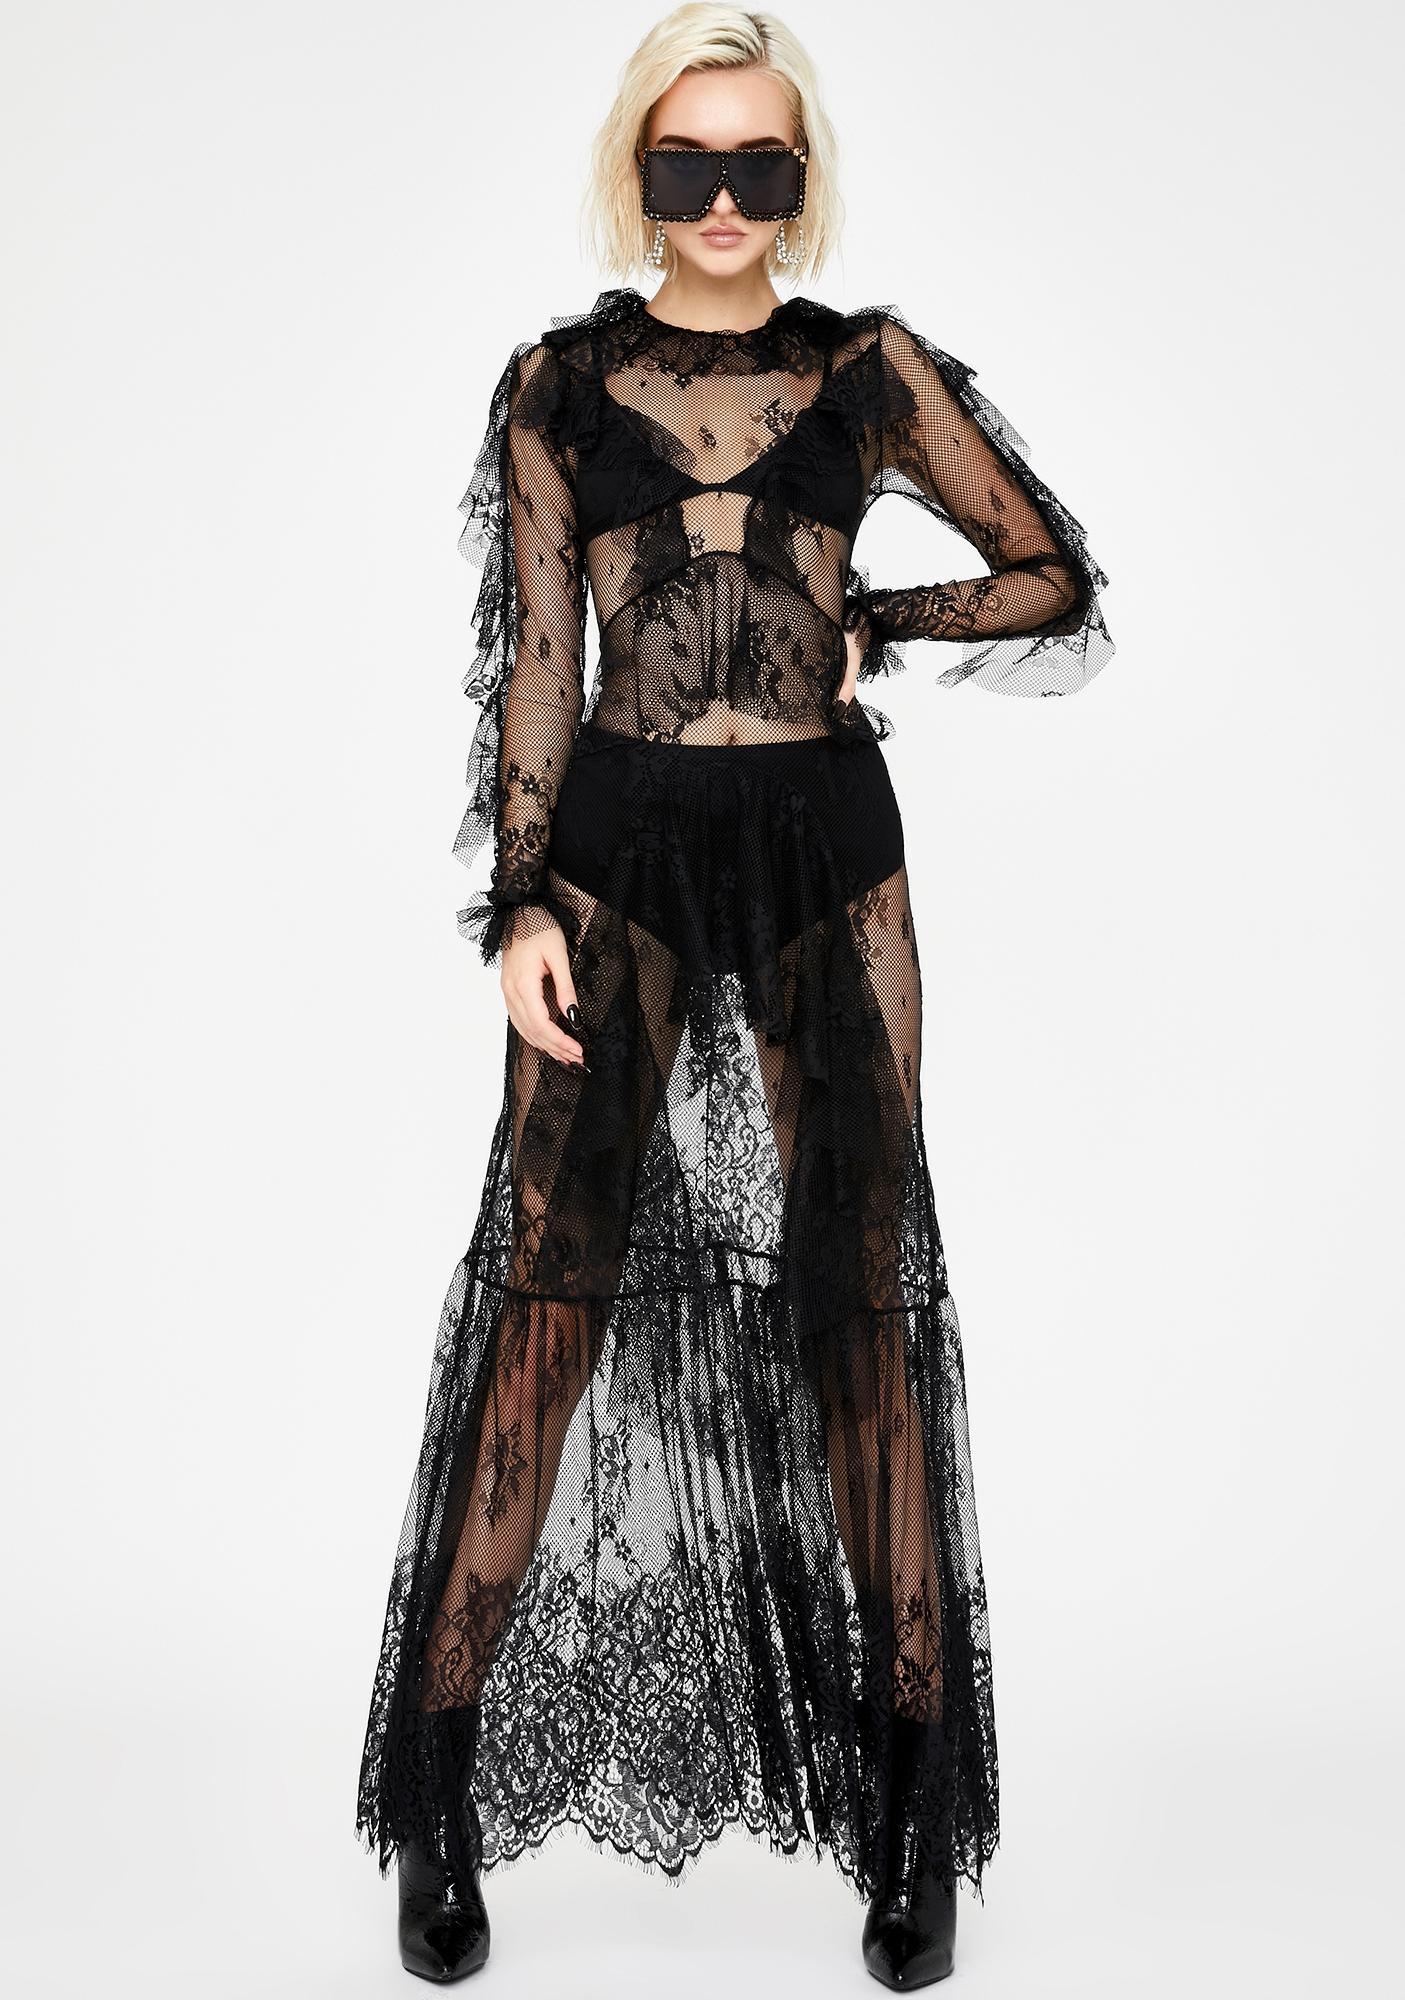 Kiki Riki Wicked Poise Lace Dress